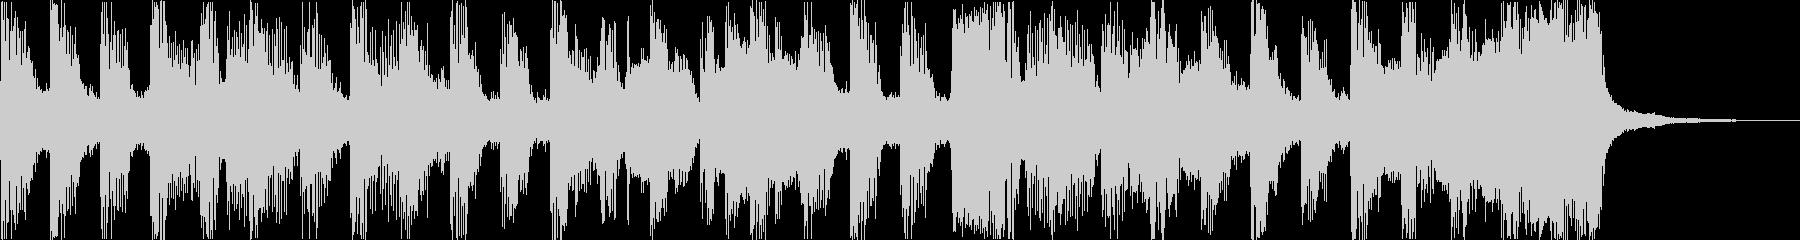 おしゃれチルヒップホップR&Bハウスfの未再生の波形